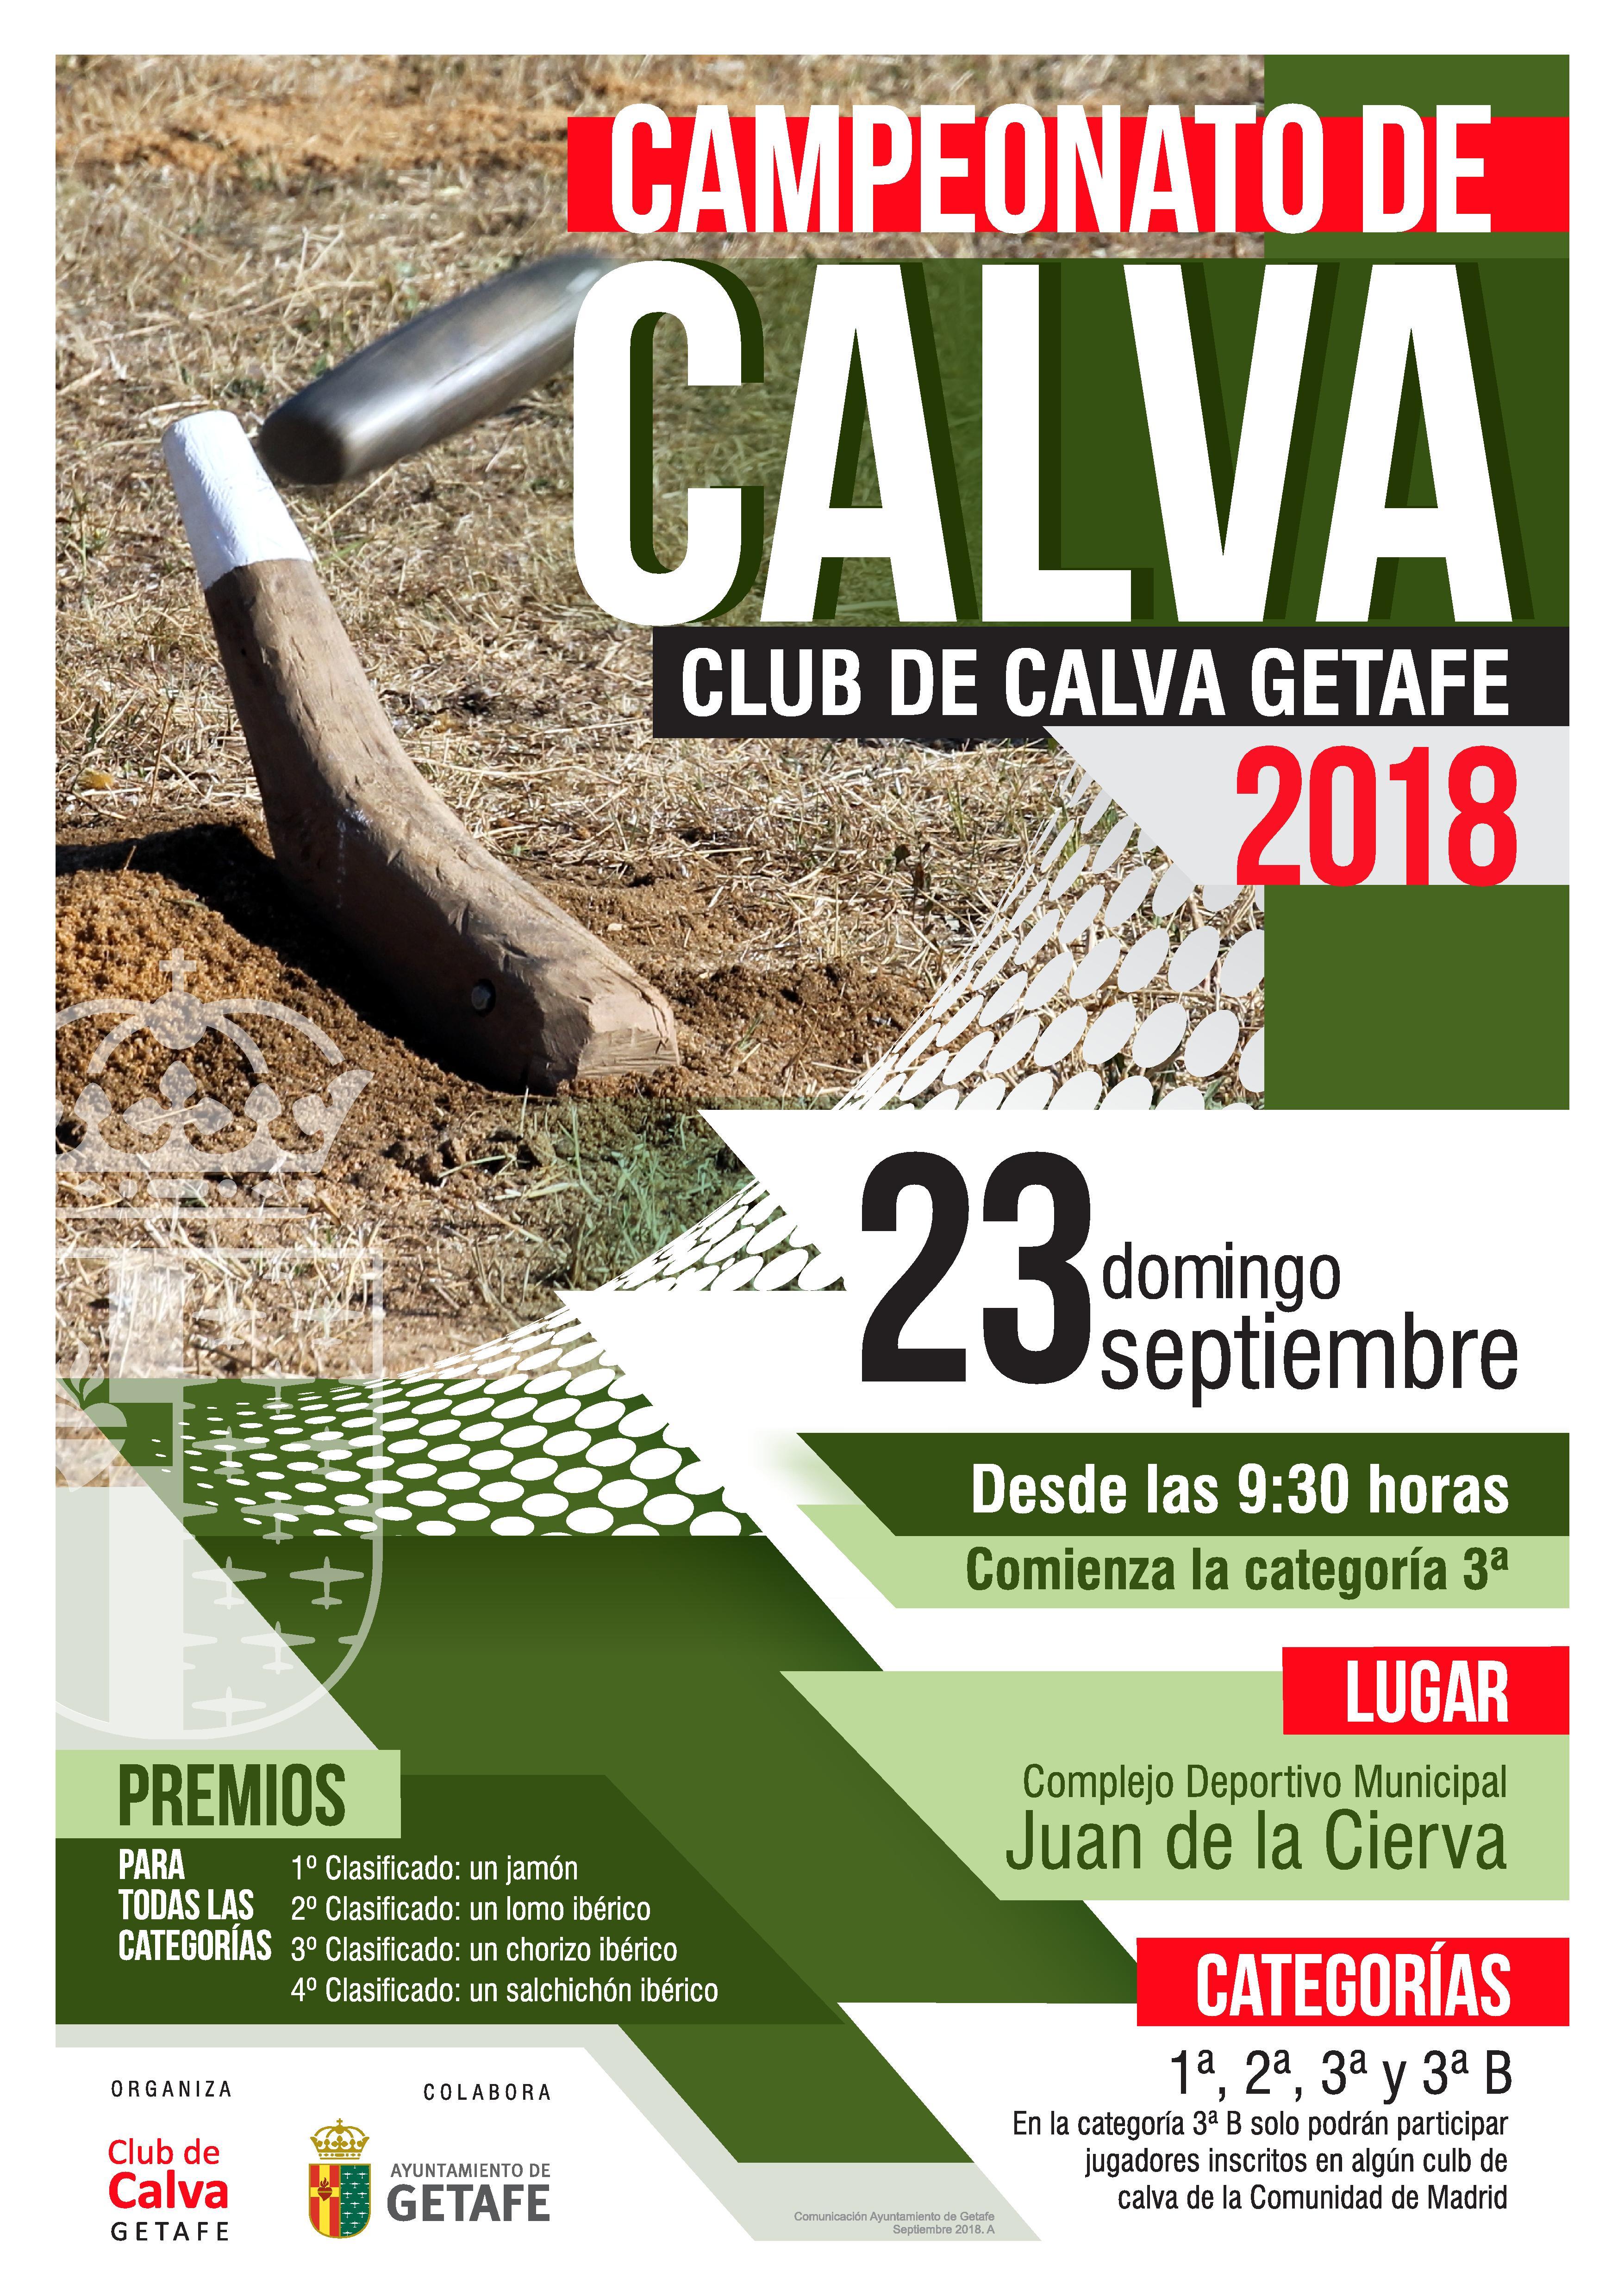 Campeonato de Calva Club de Calva Getafe